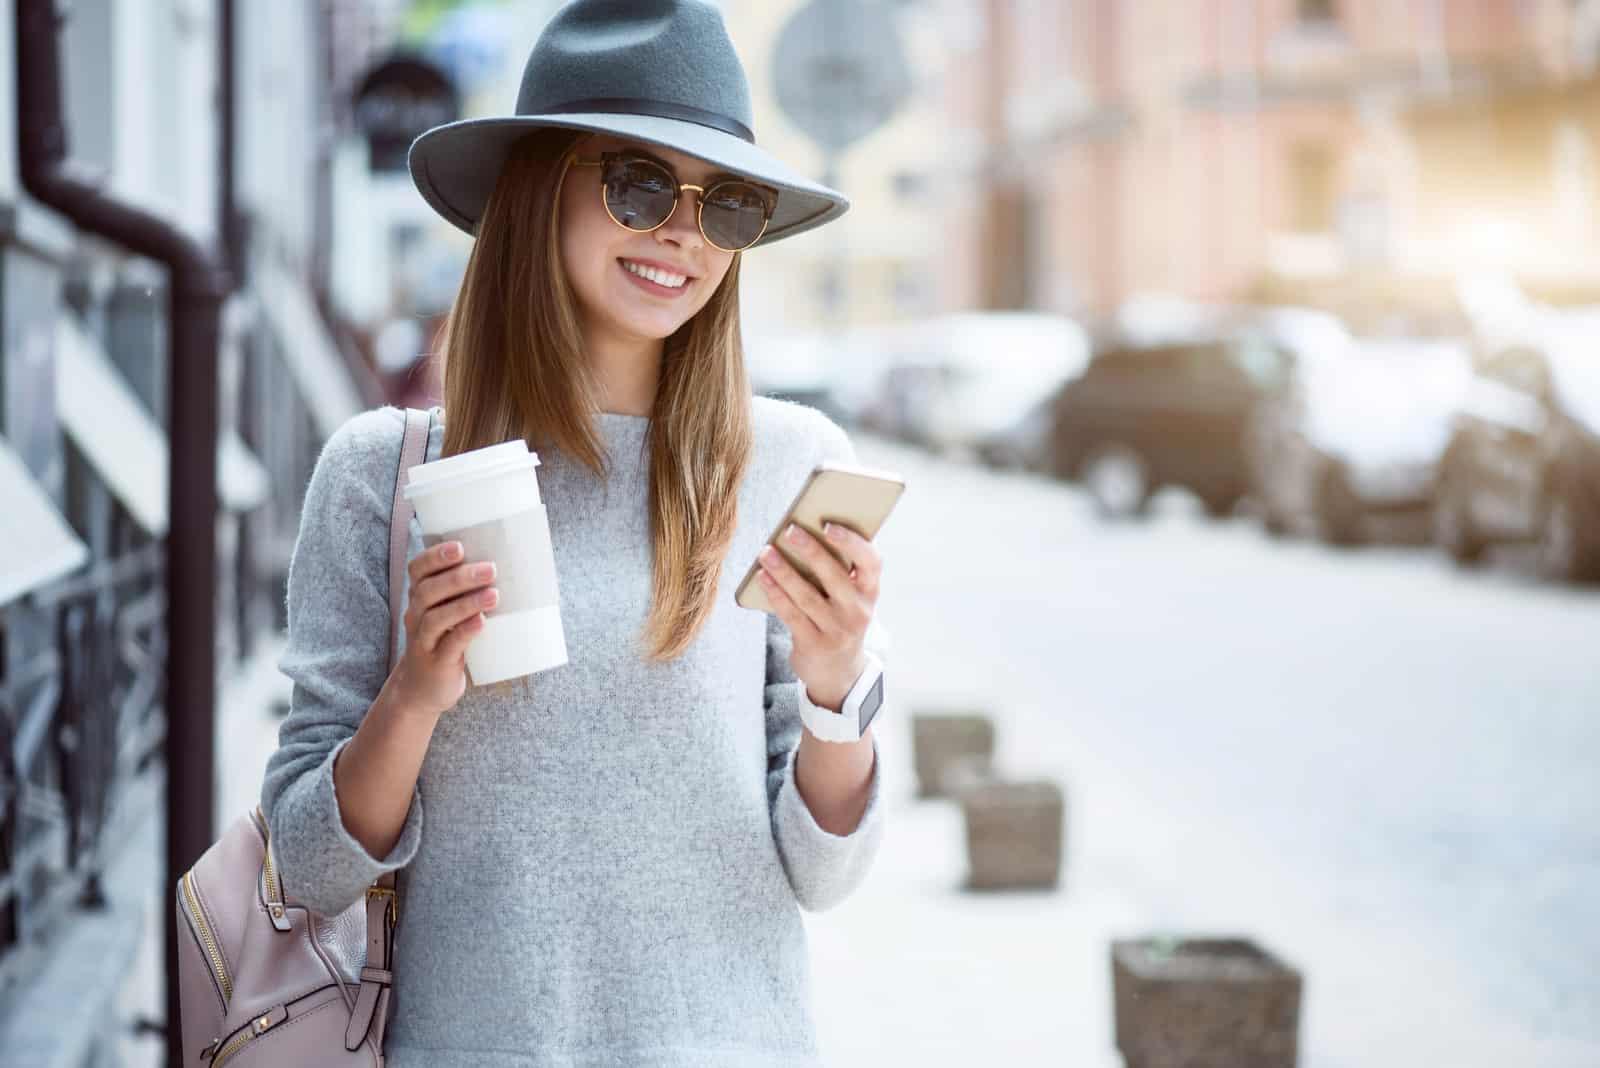 une femme souriante avec un chapeau sur sa tête se dresse et un bouton sur le téléphone